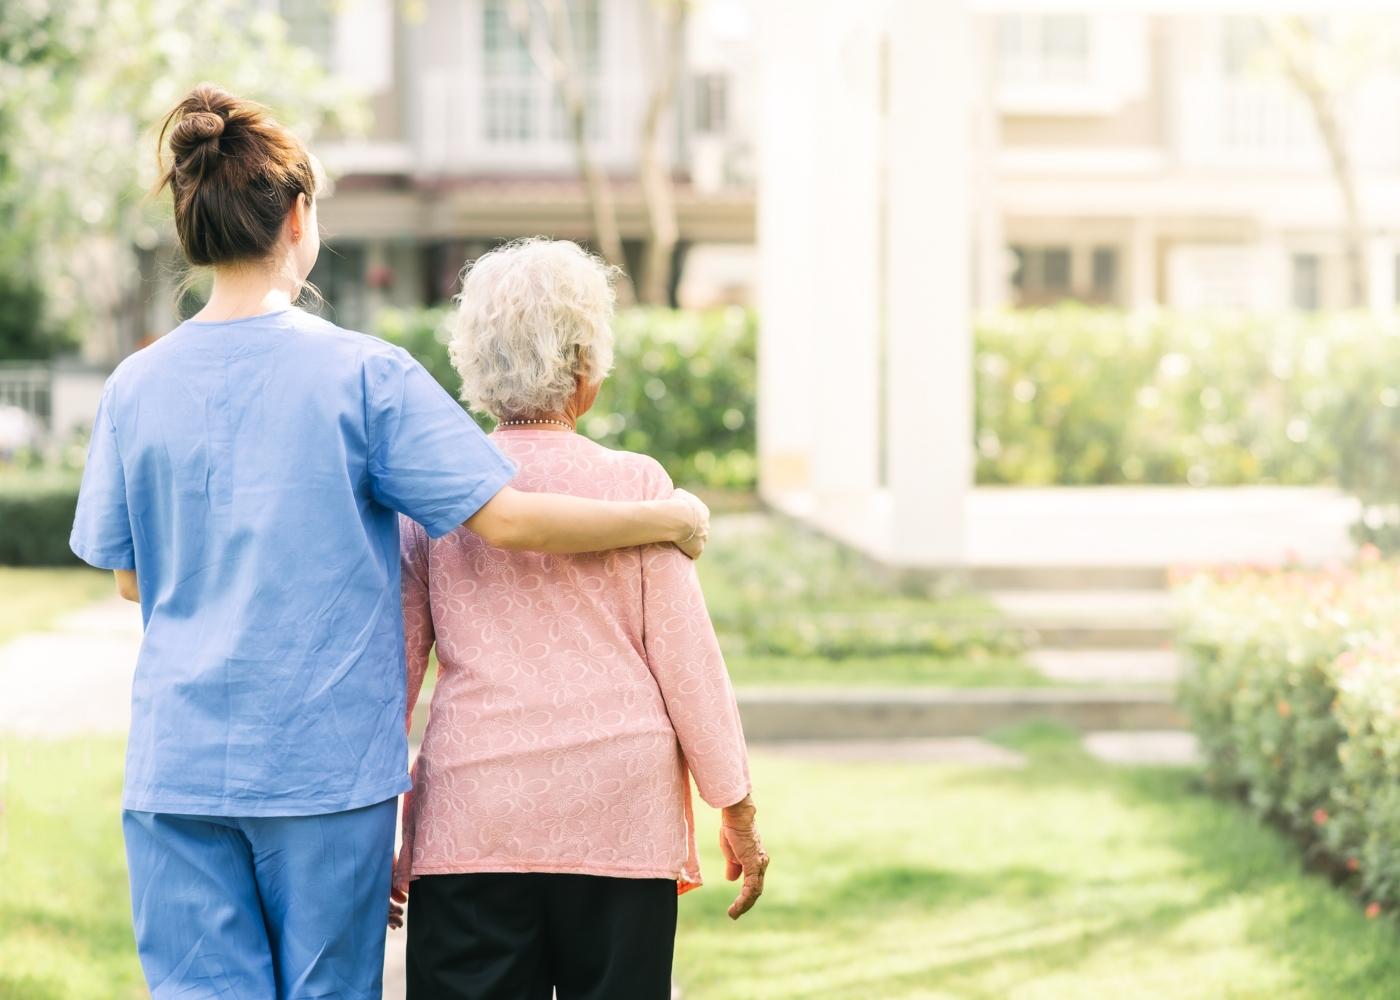 profissional de saúde a passear com idosa